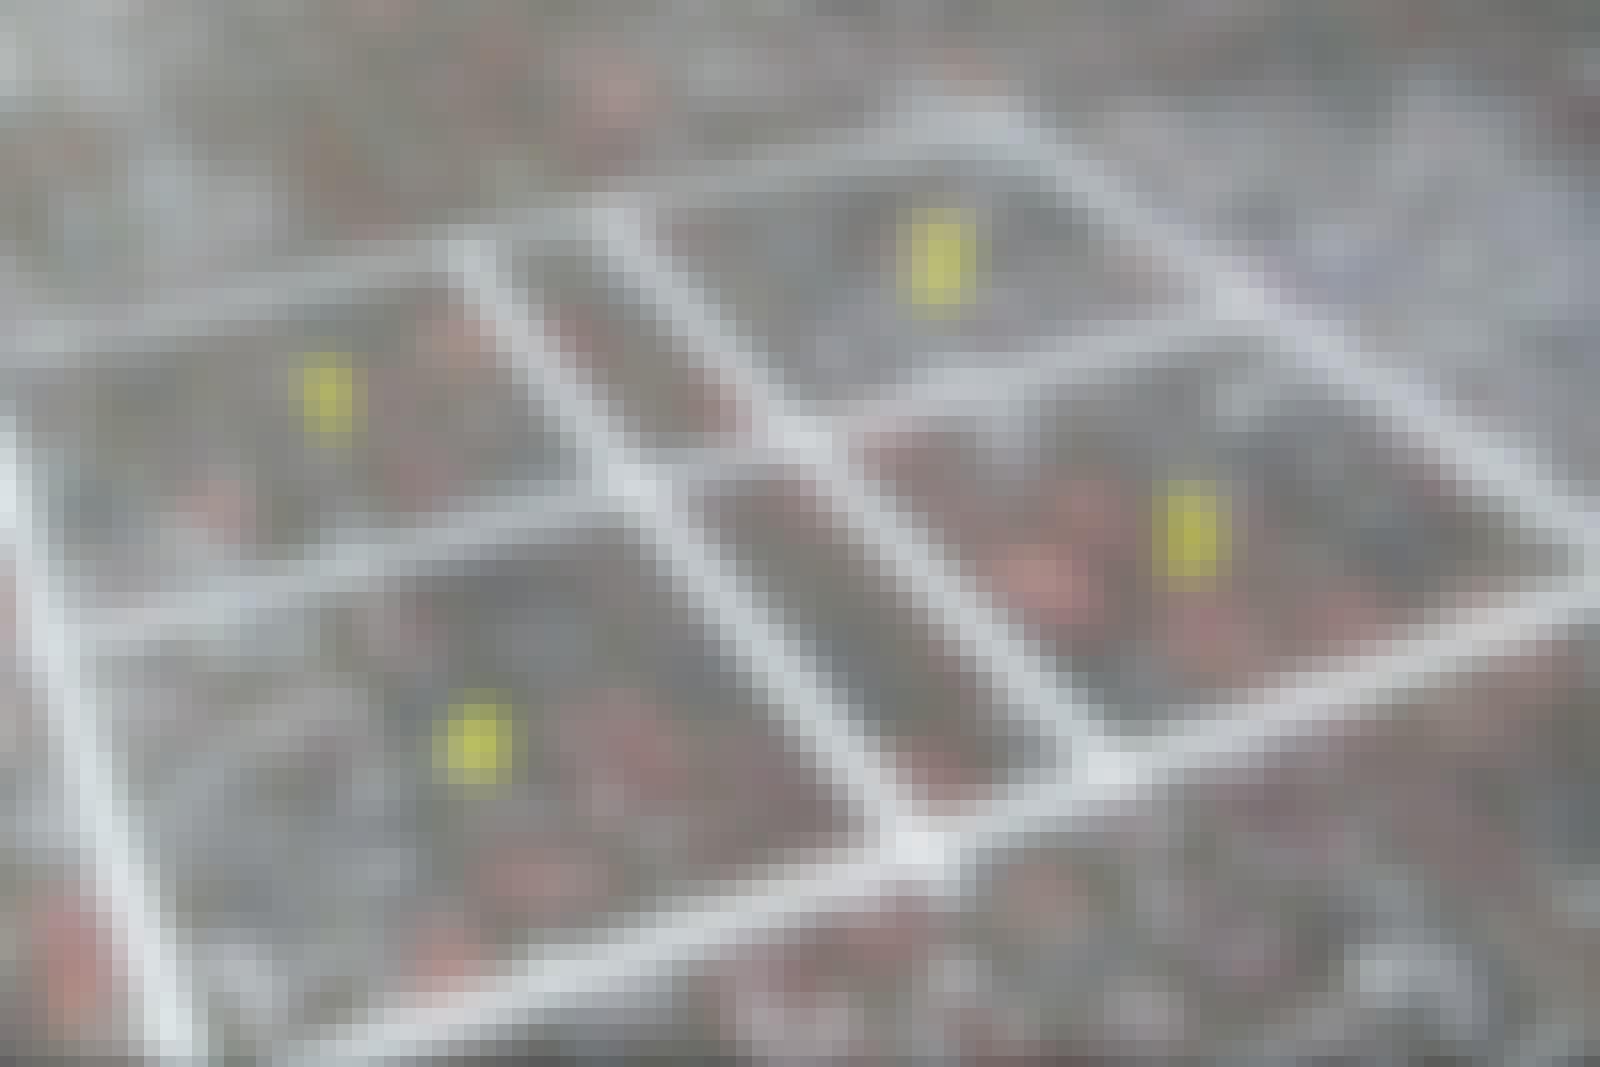 FLISEPEST: De fire felter med flisepest